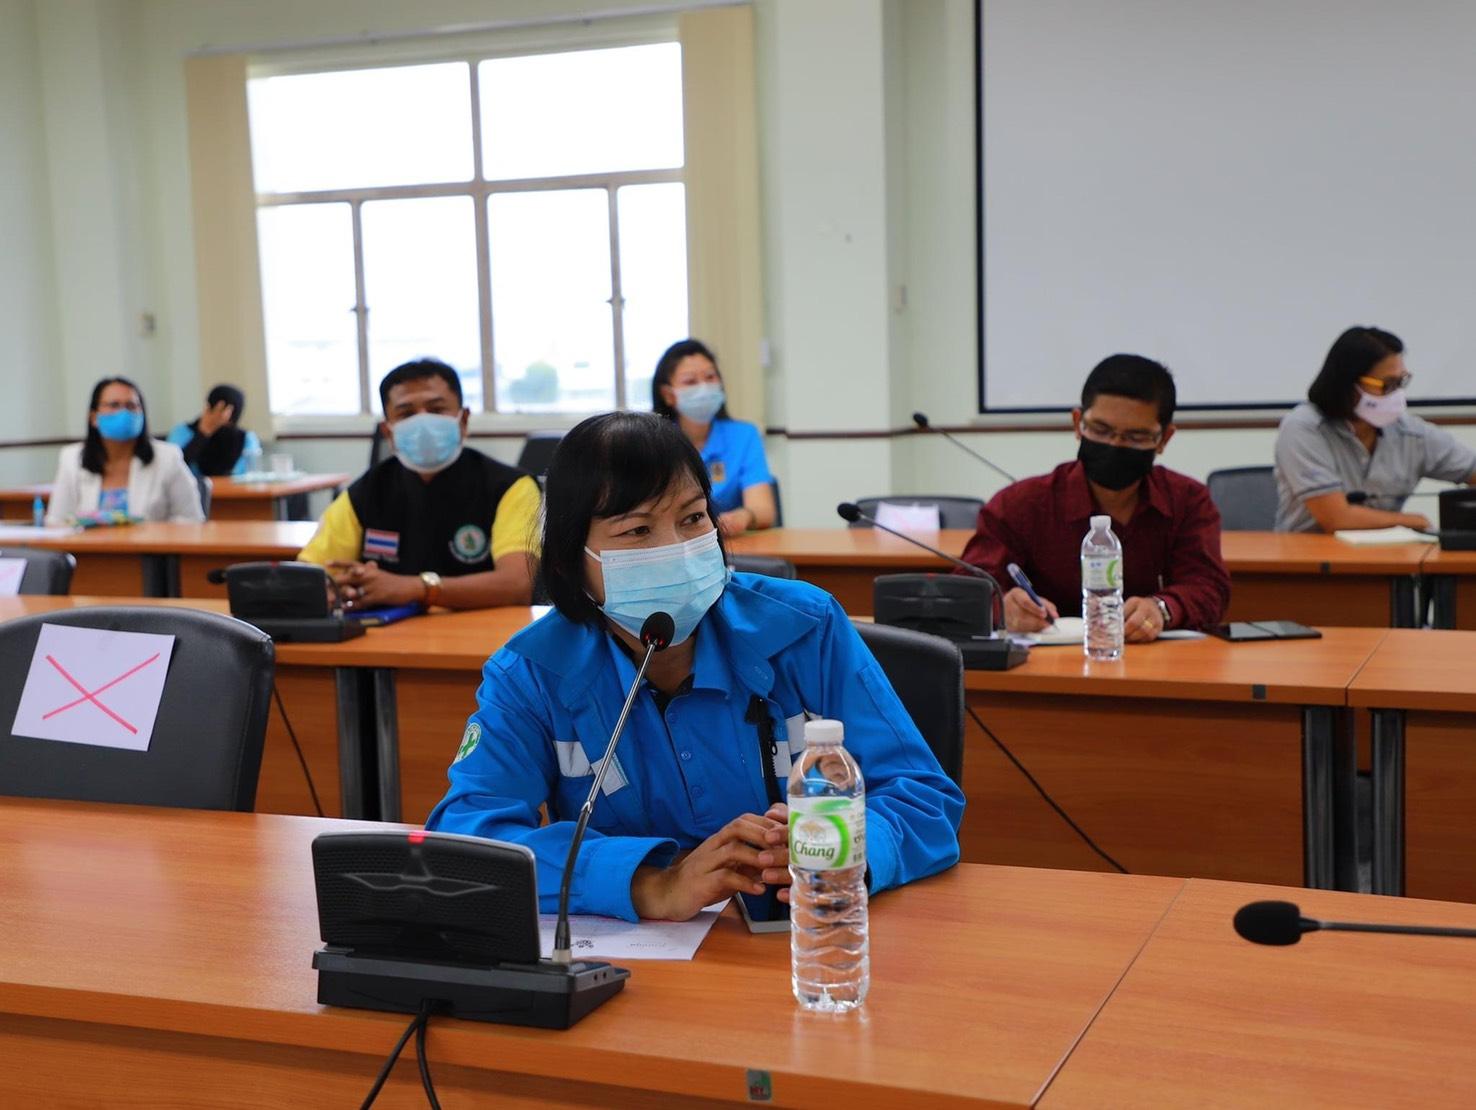 การประปาส่วนภูมิภาคสาขากระบี่ ร่วมประชุมเตรียมความพร้อมในการเปิดโรงพยาบาลสนามแห่งใหม่แห่งที่ 2 ของจังหวัดกระบี่